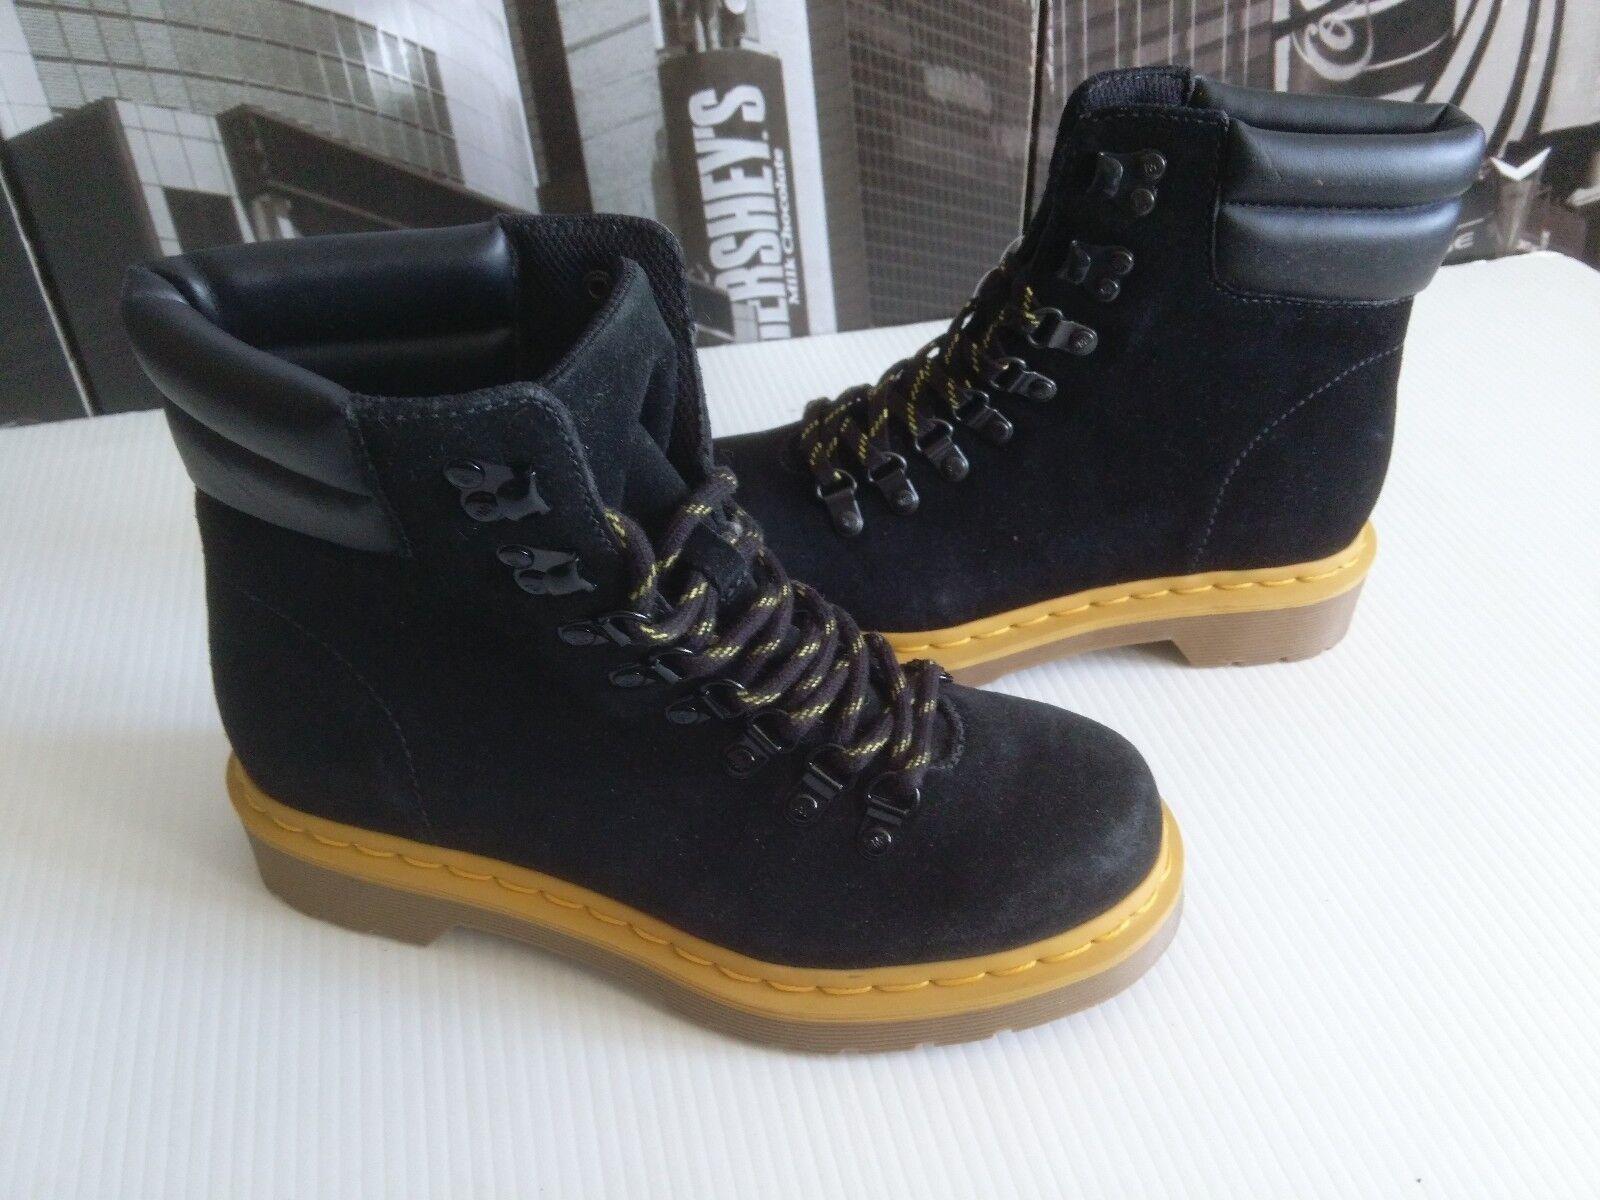 Nuevo Dr. Martens Iris Gamuza Cuero Negro botas con Cordones para Mujer US 9